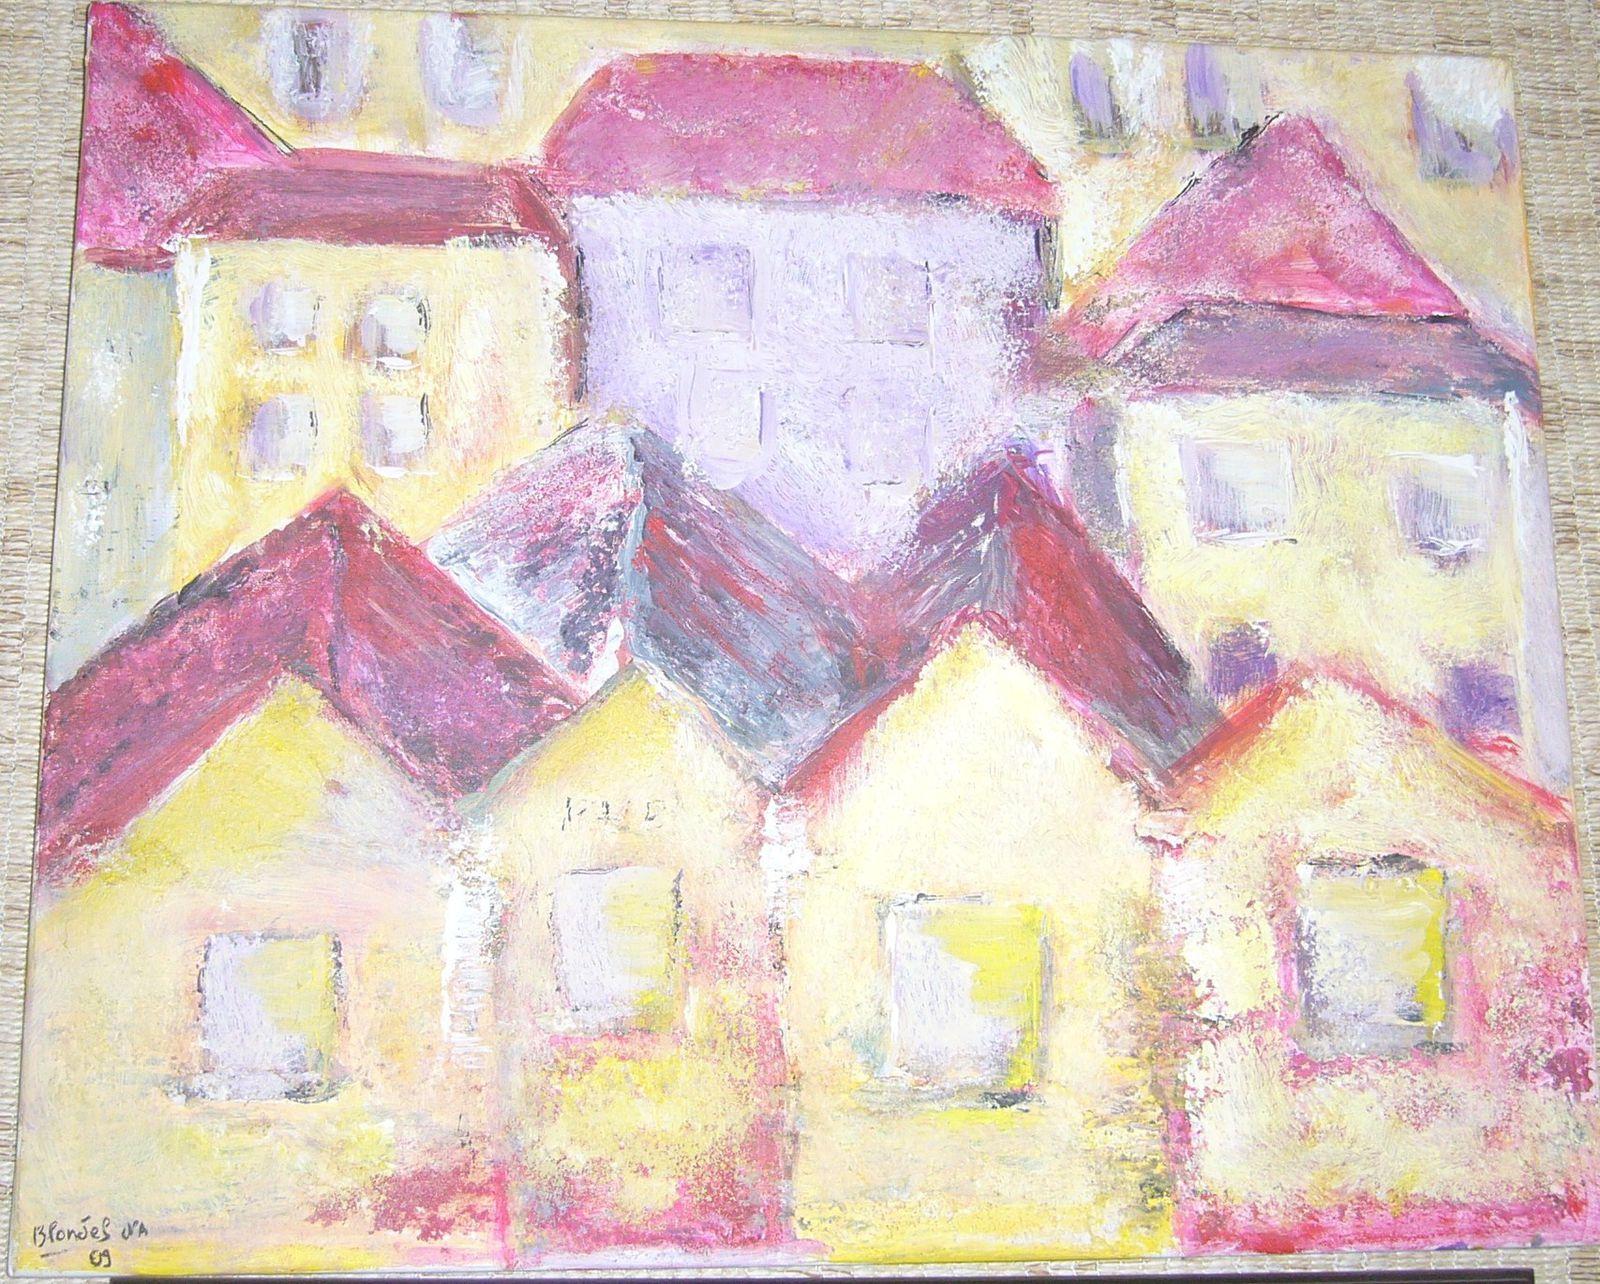 quelques tableaux de Nicole Blondel de Strasbourg